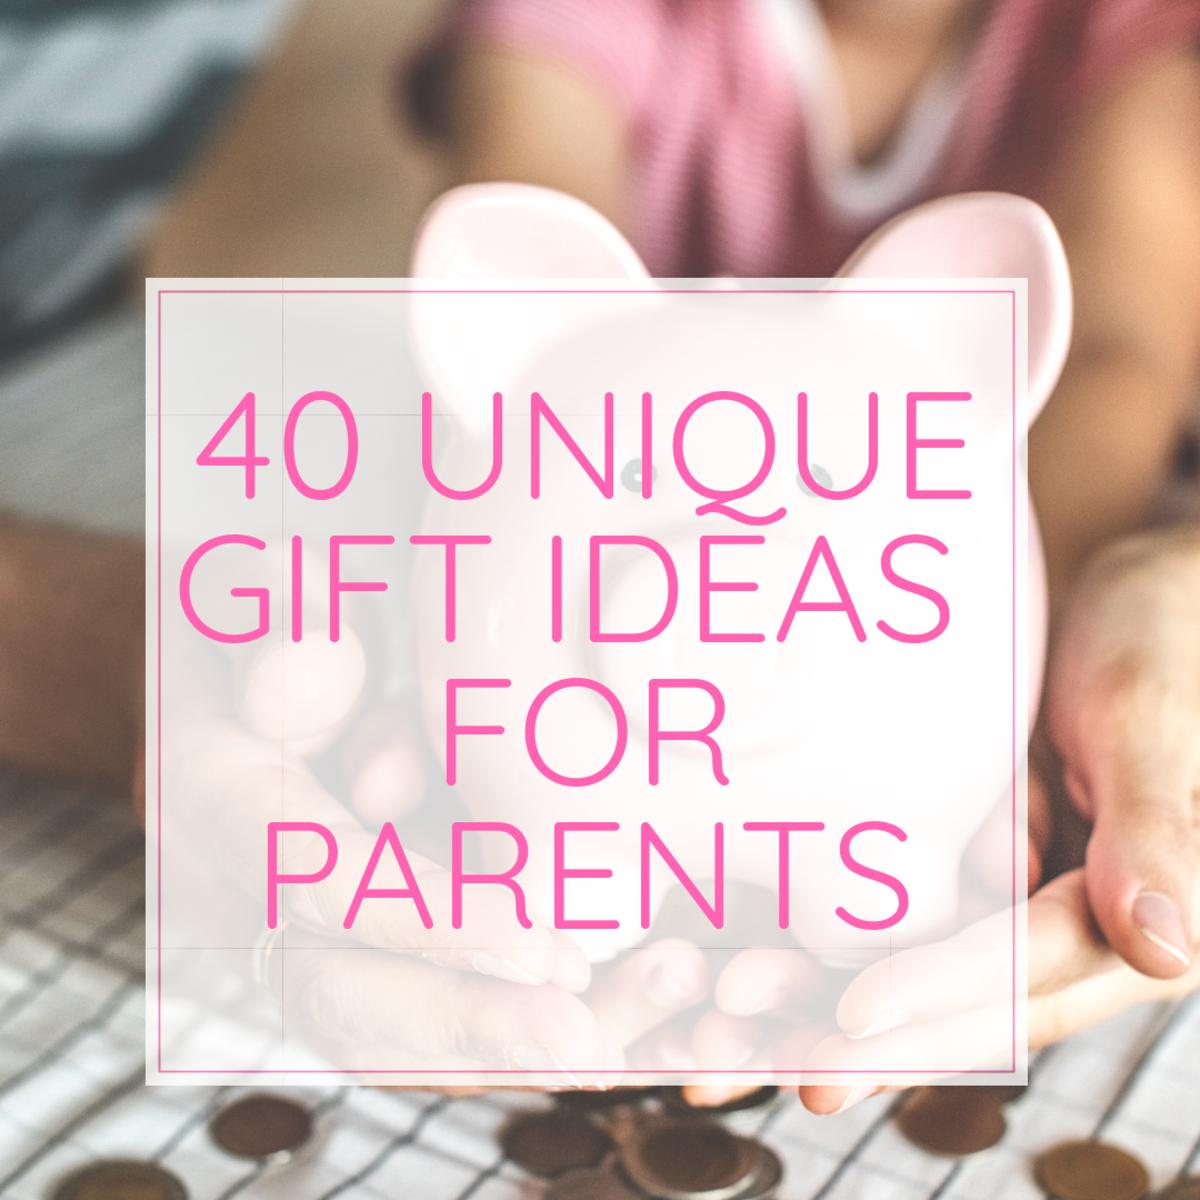 40 Unique Gift Ideas for Parents